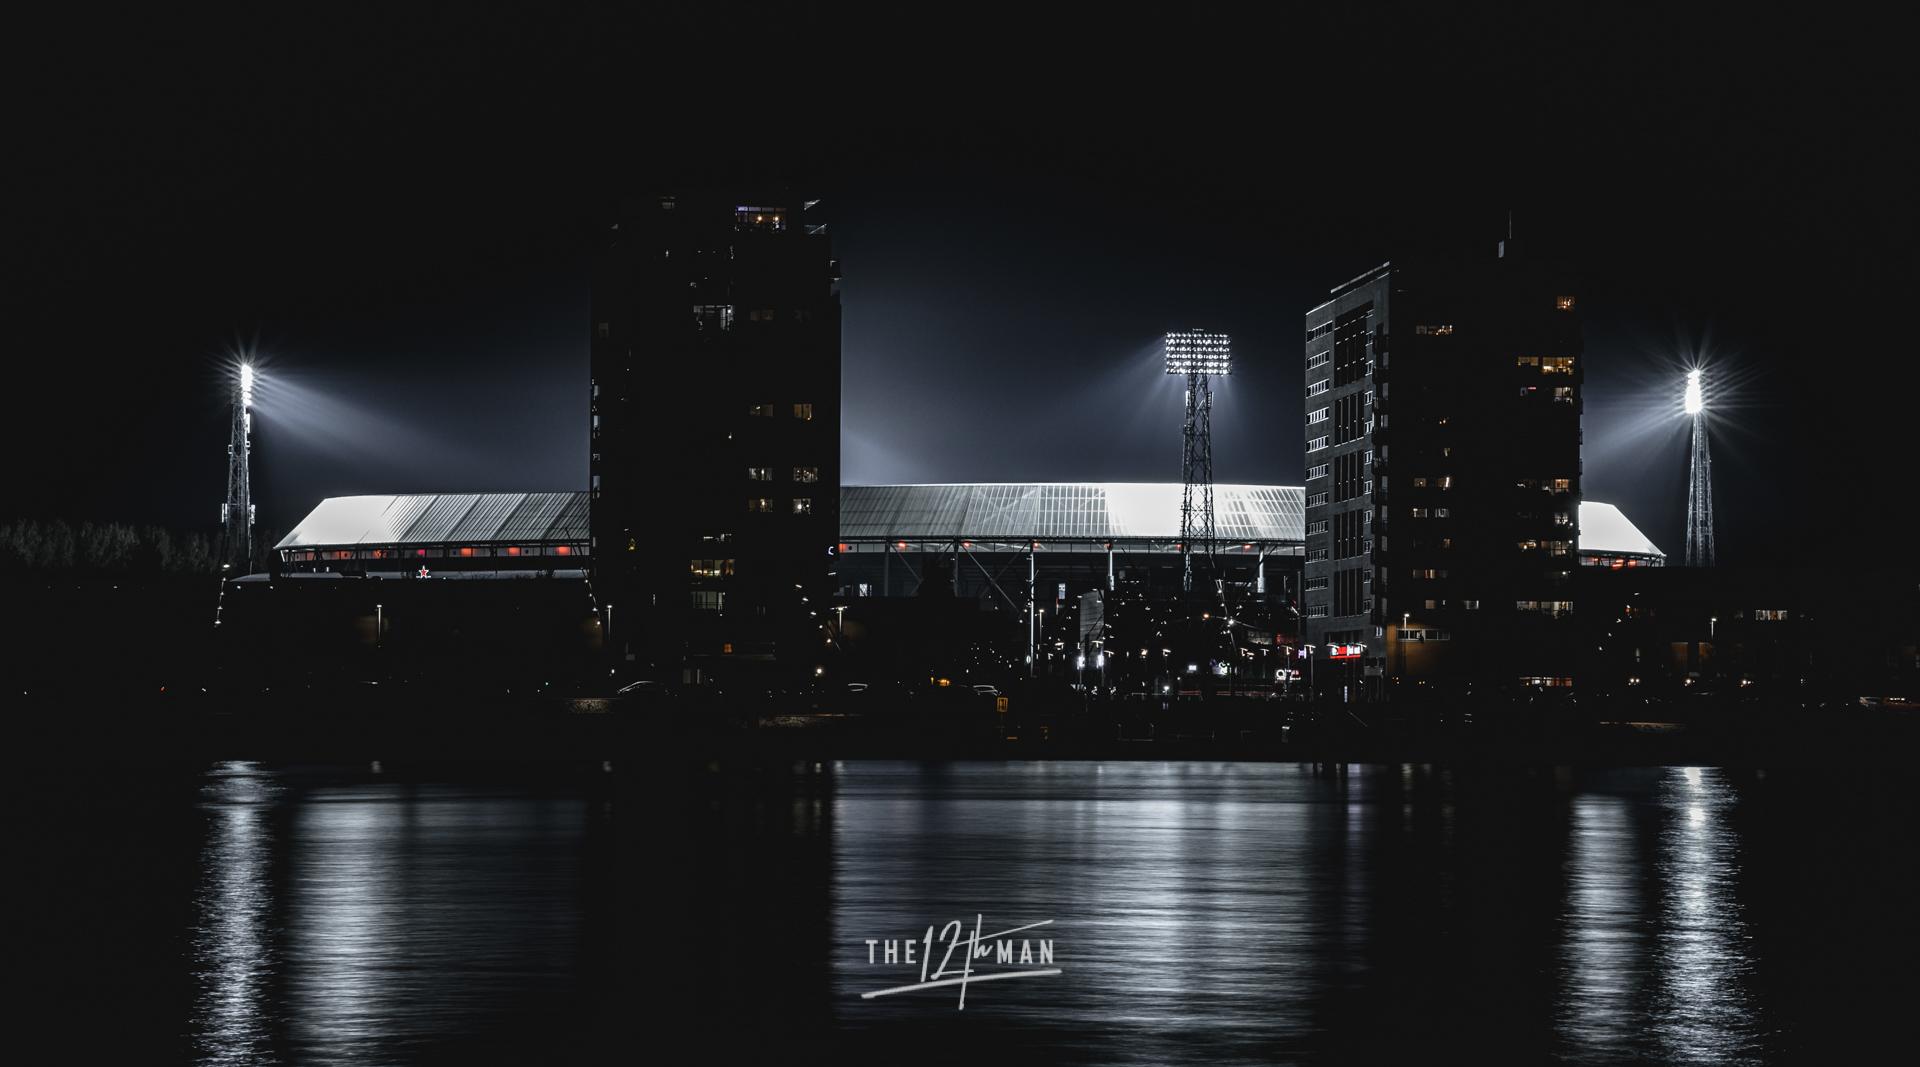 In de Hekken - Feyenoord Column